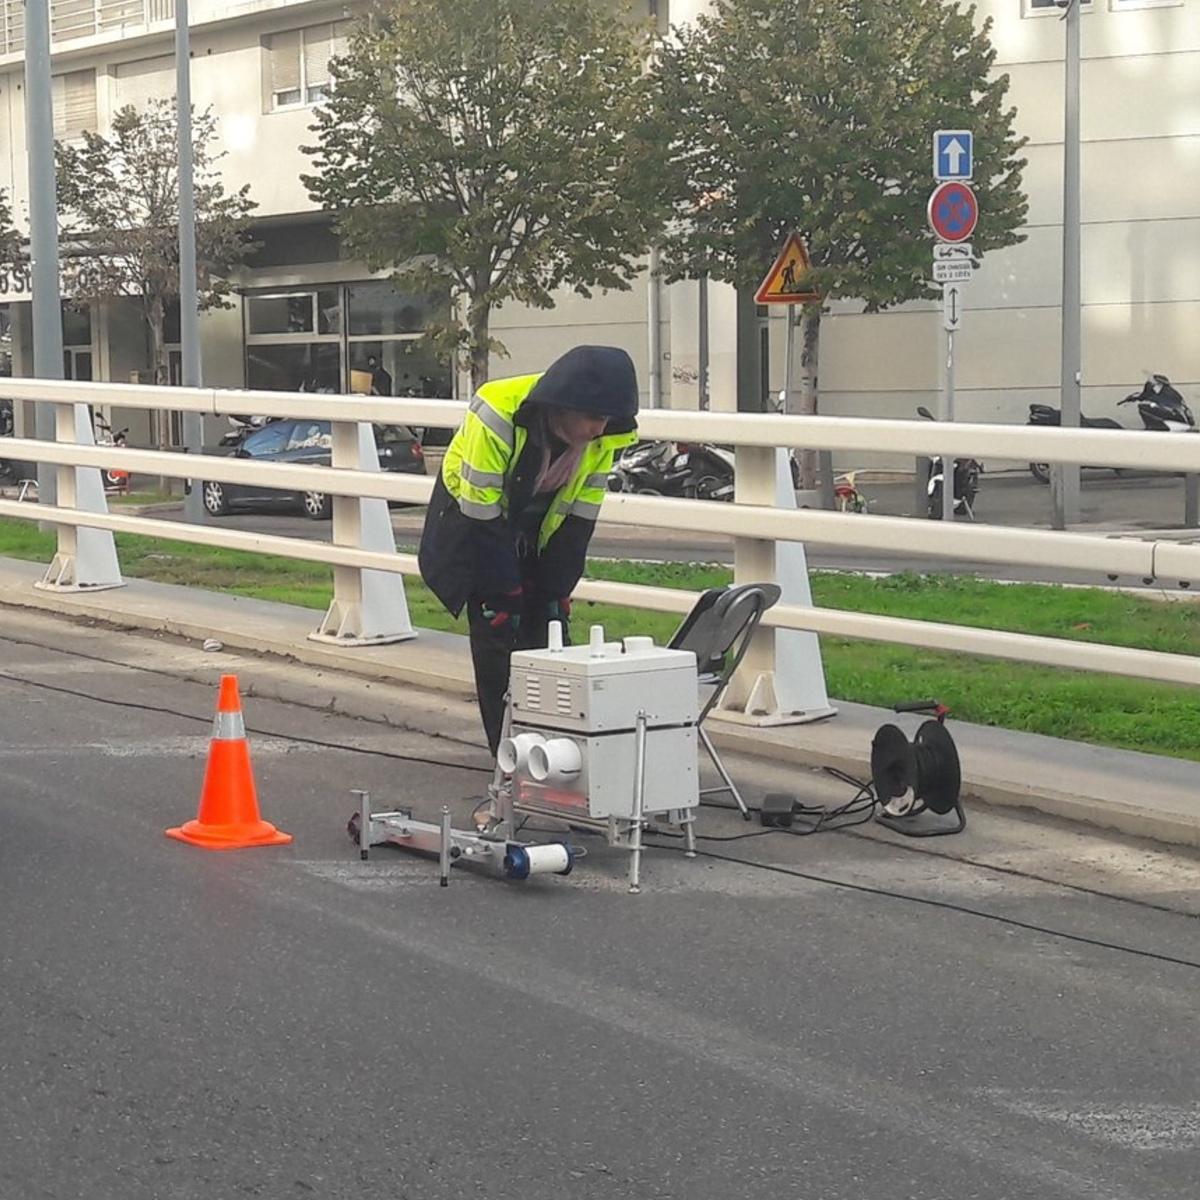 À Marseille, un radar en test mesure le niveau de pollution des véhicules